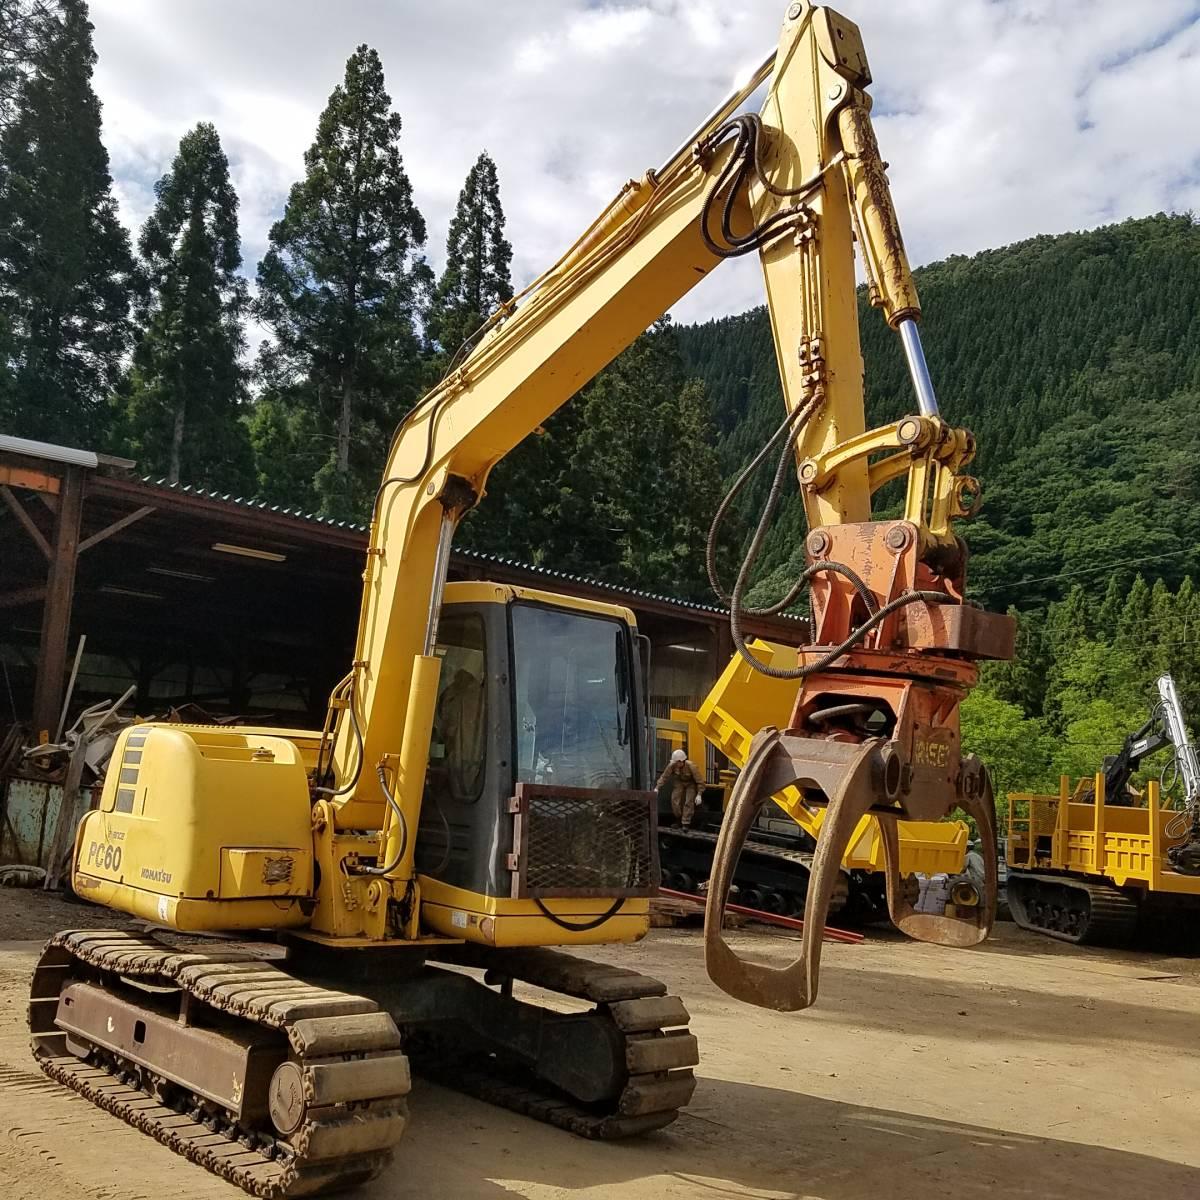 小松油圧ショベルPC60-7E(0.25M3)平成11年式(1999年)木材グラップル付き、新品リンク交換済み,メンテナンス整備済です。